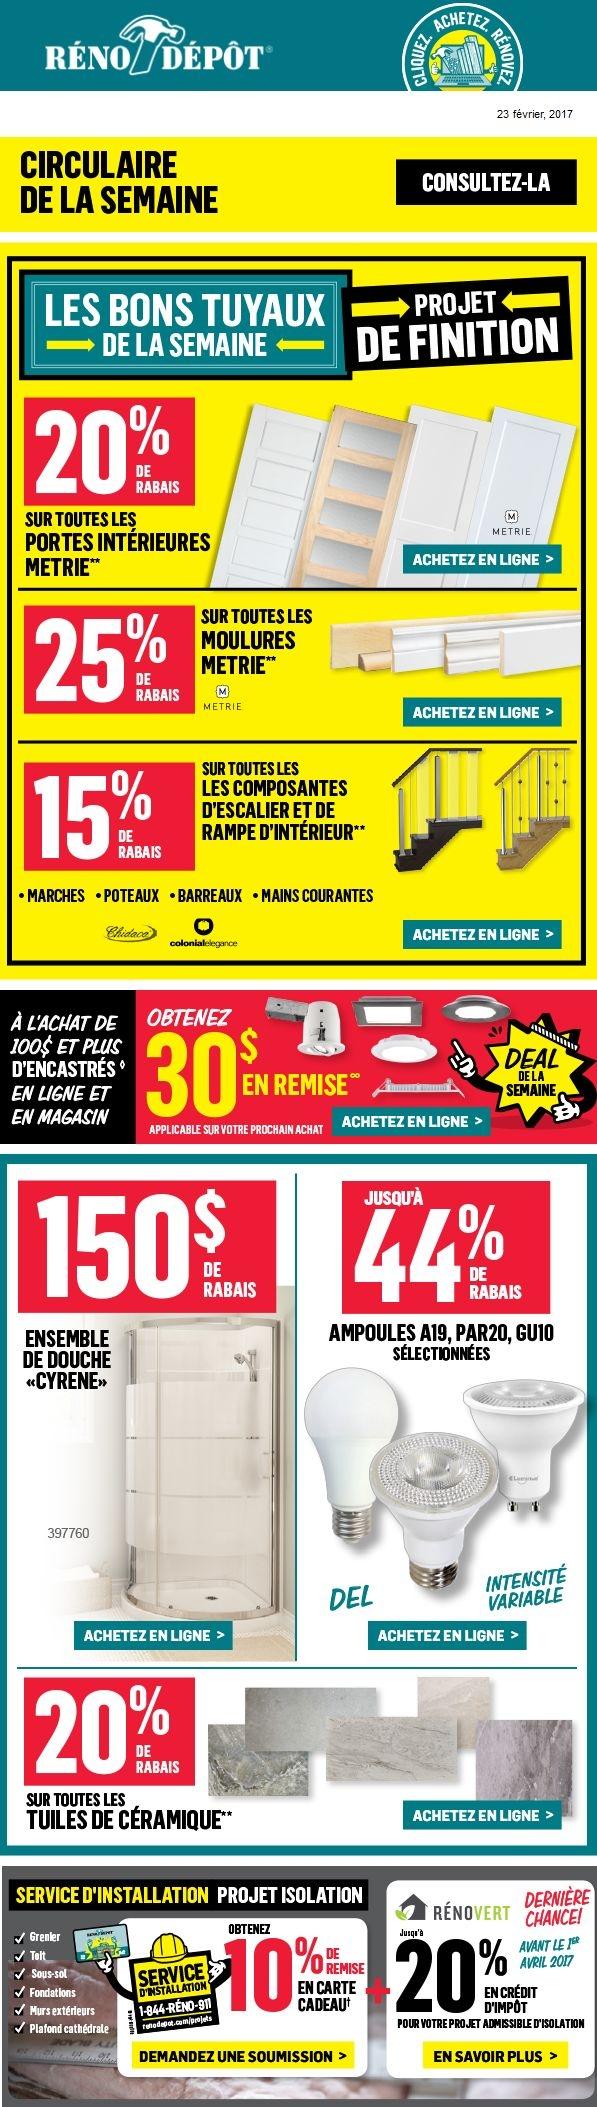 Les Bons Tuyaux De La Semaine : 25% De Rabais Sur Les Moulures Et 20% Sur Les Portes Intérieures Promotions Rabais